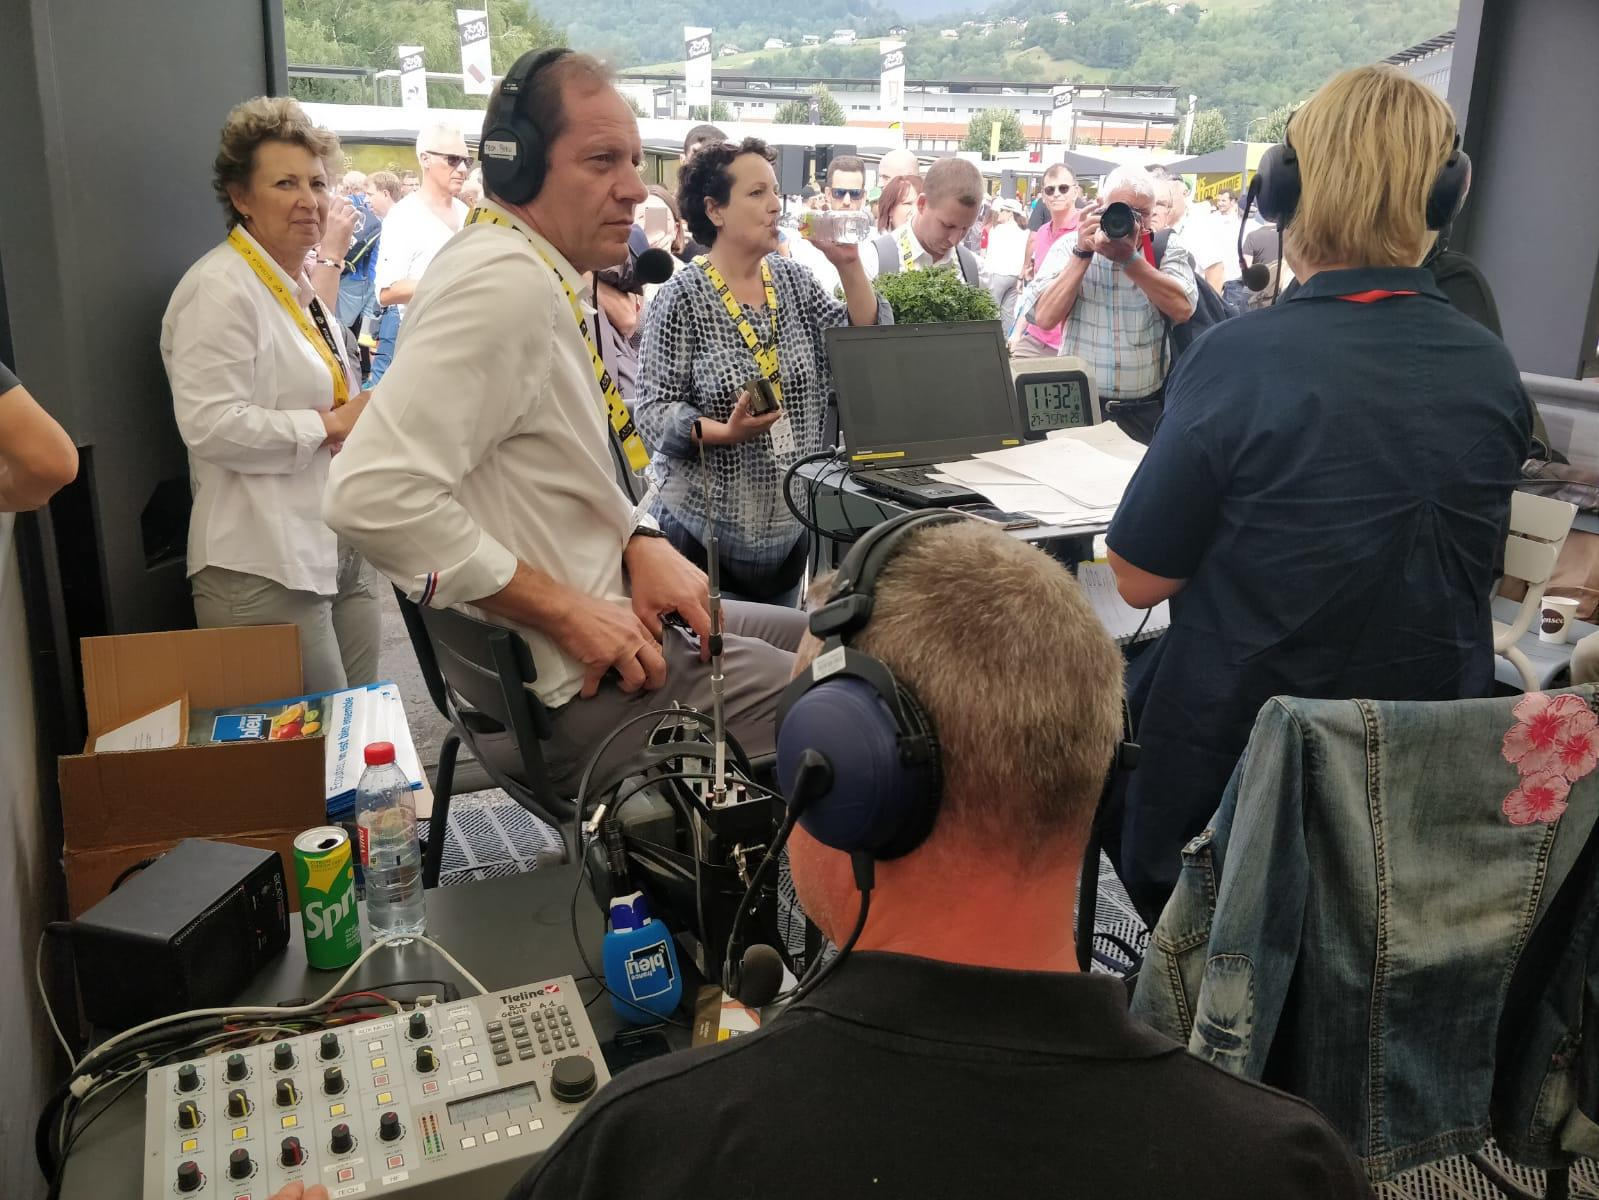 Les produits Tieline ont été utilisés durant le dernier Tour de France par de nombreuses radios